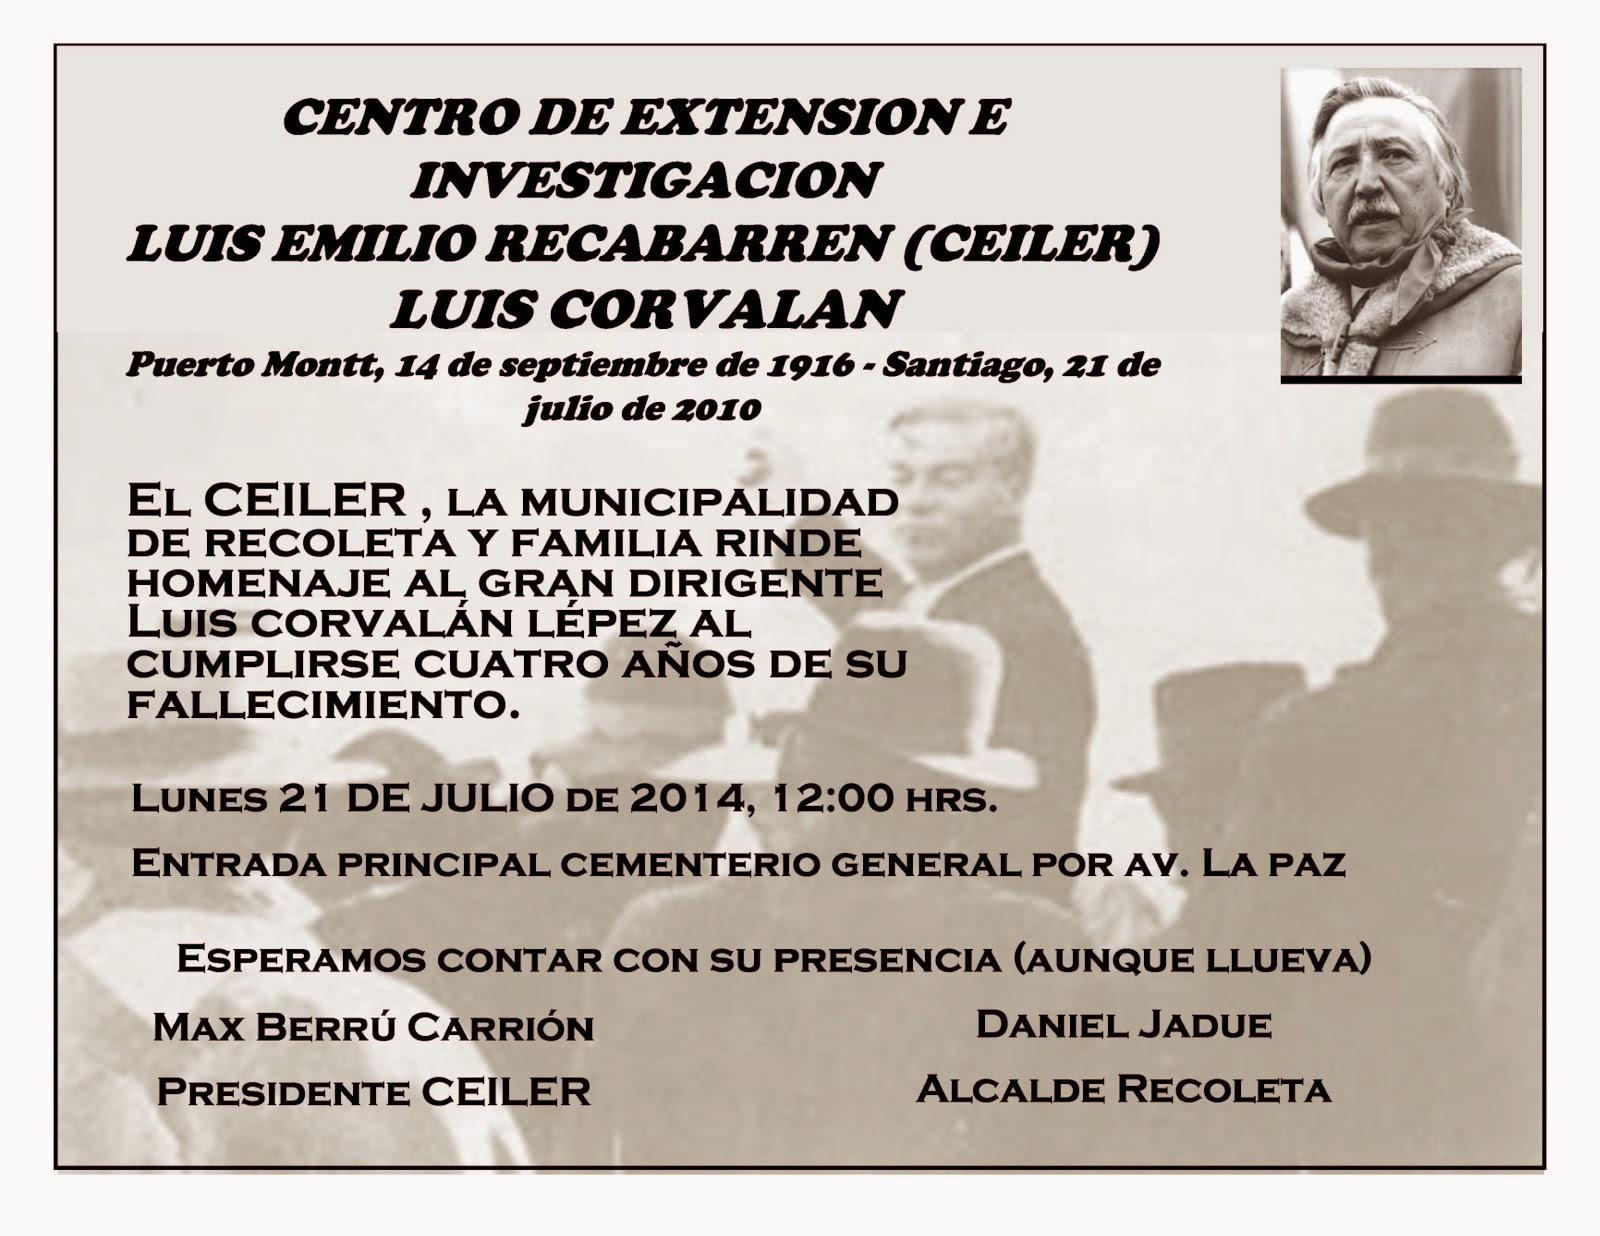 INVITACIÓN ROMERIA AL COMPAÑERO LUIS CORVALÁN, CEILER.